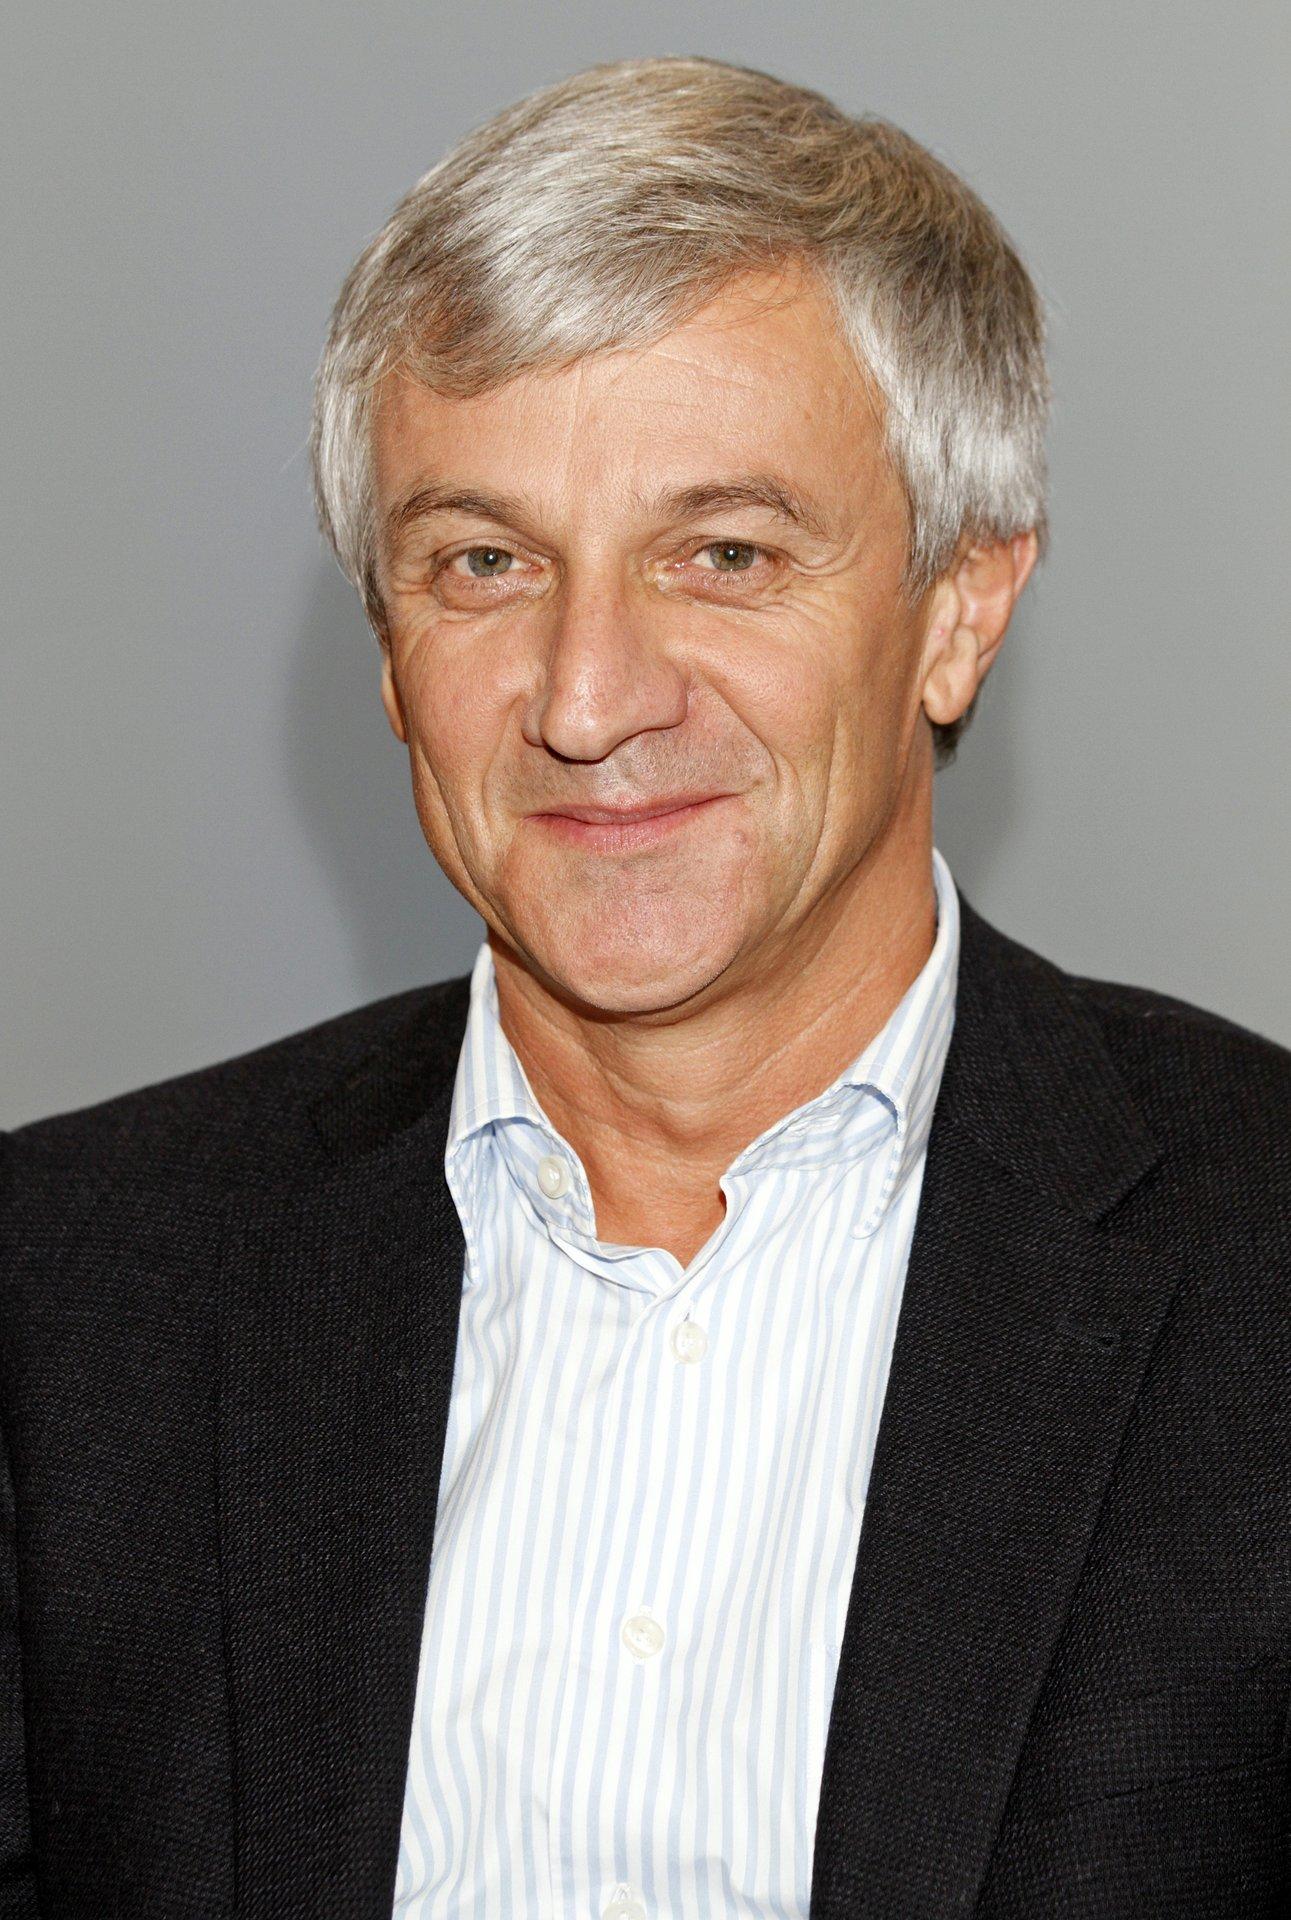 Peter Probst